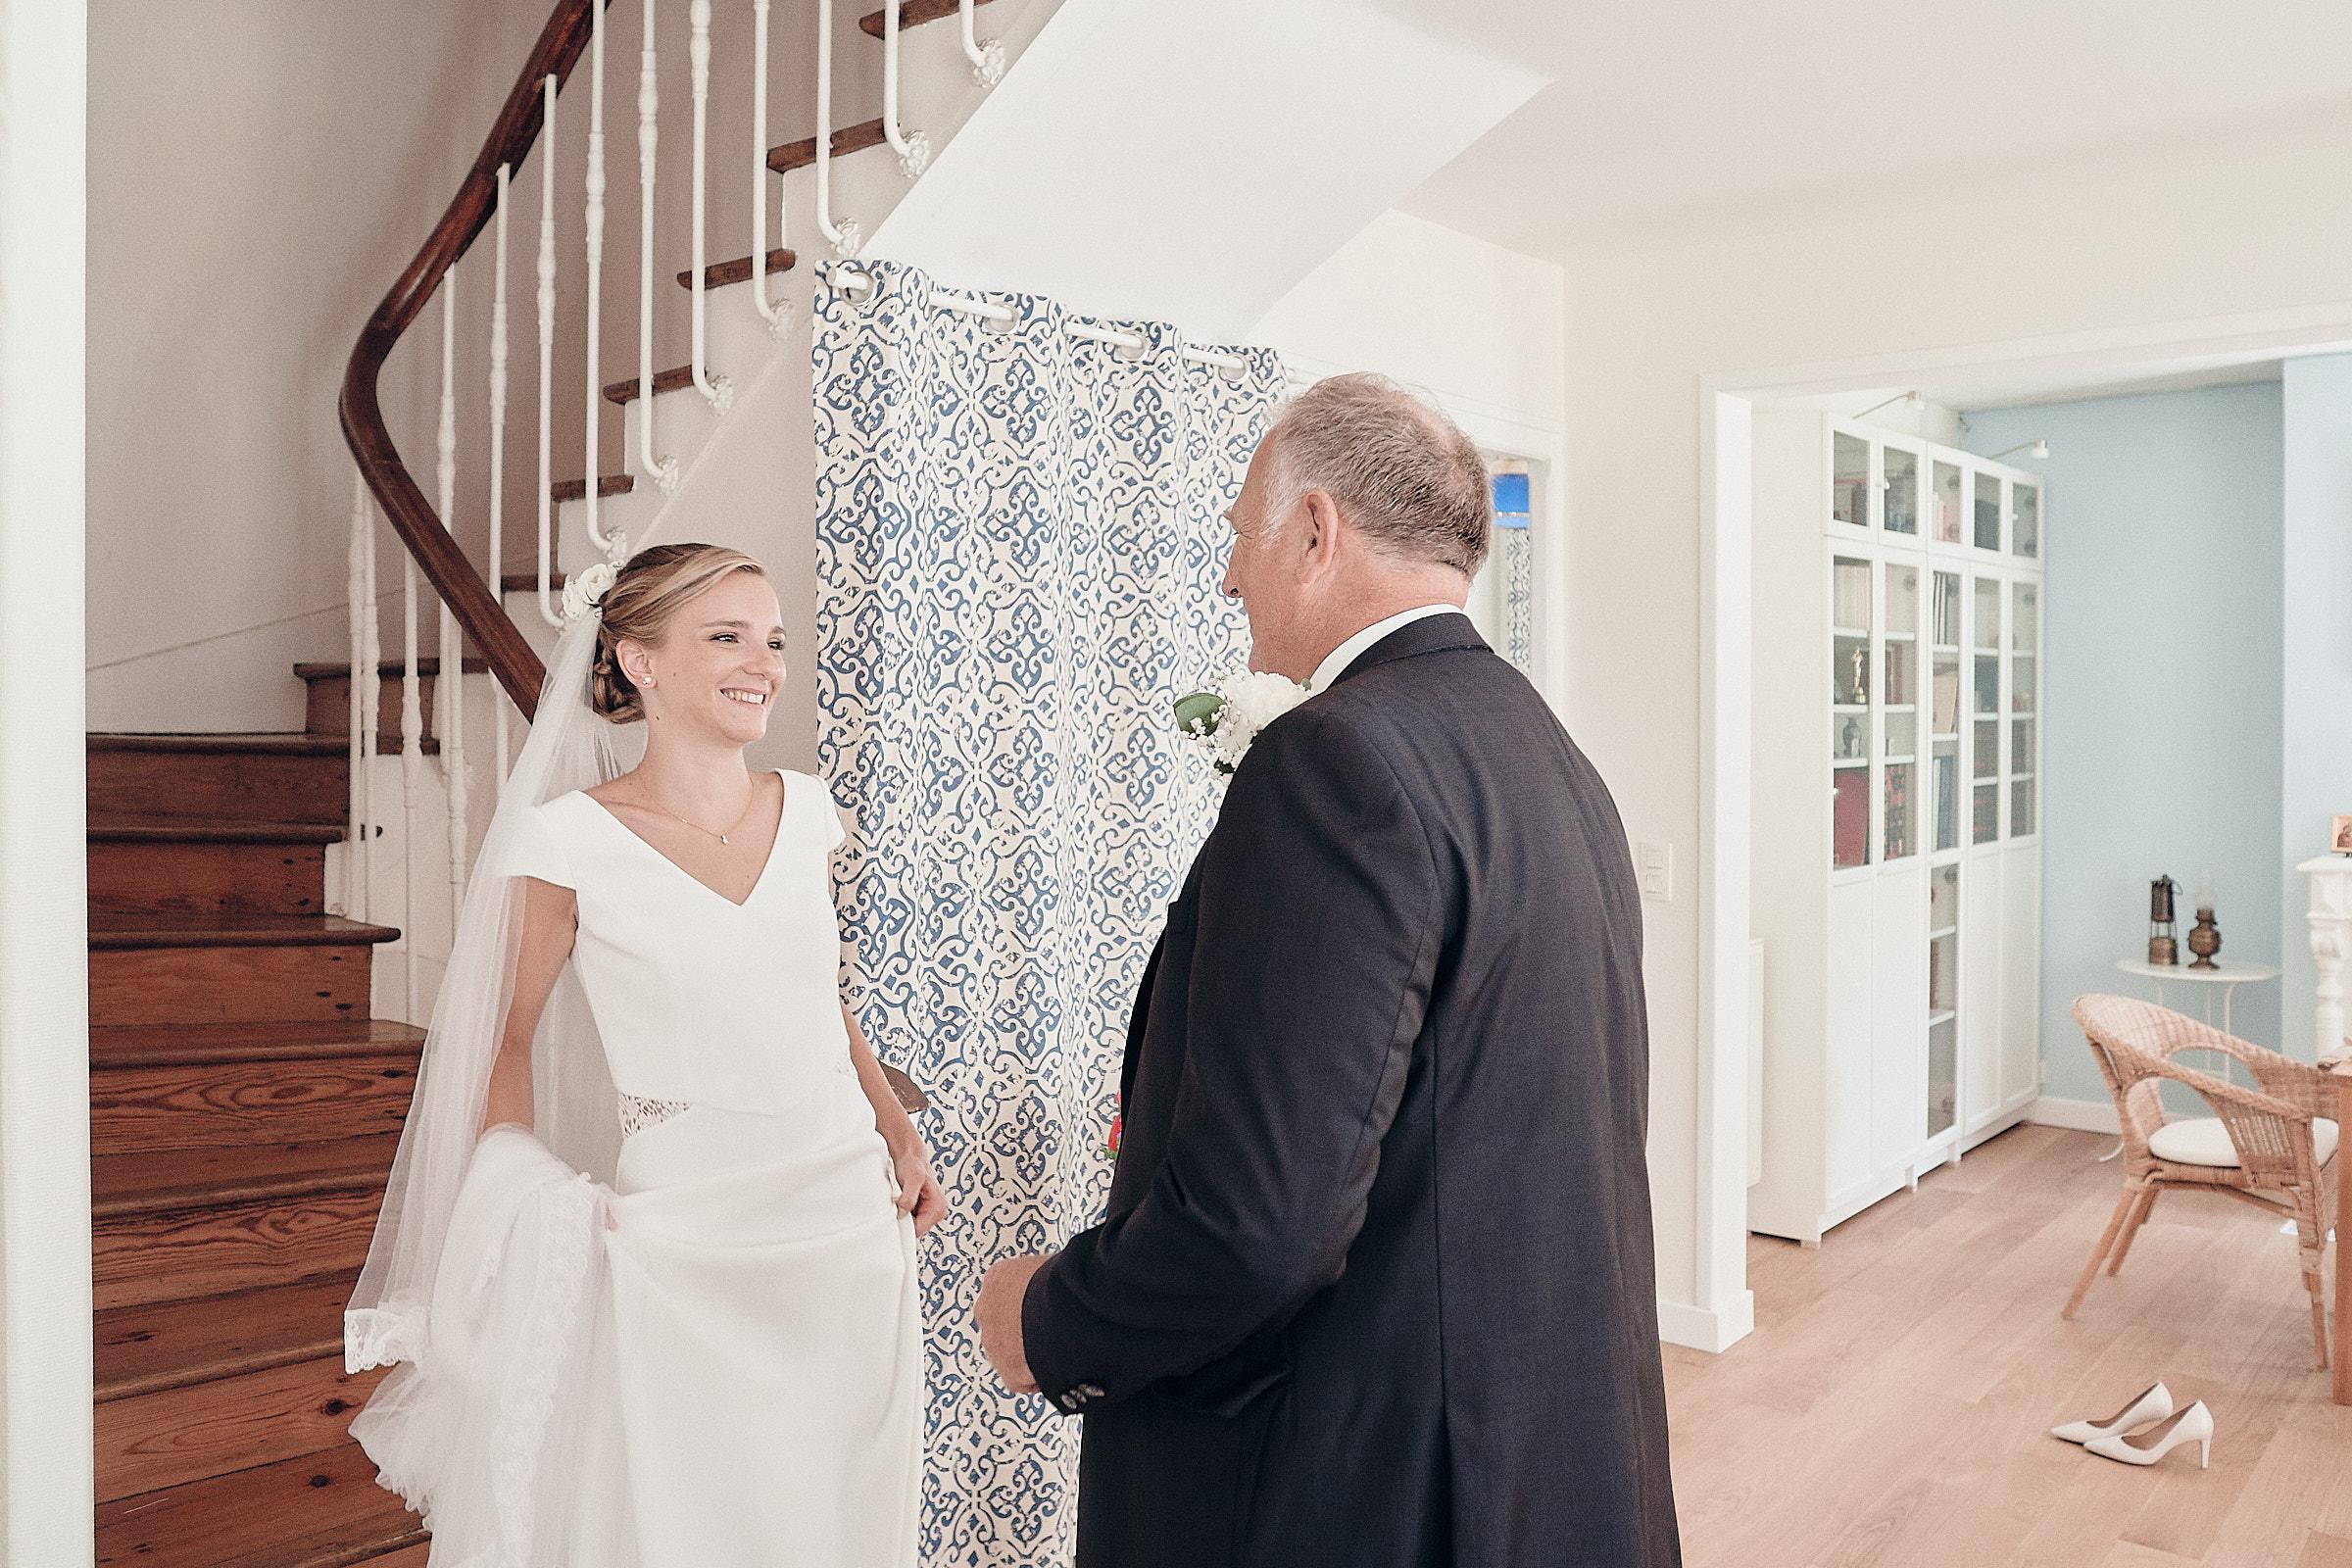 le père découvre la mariée